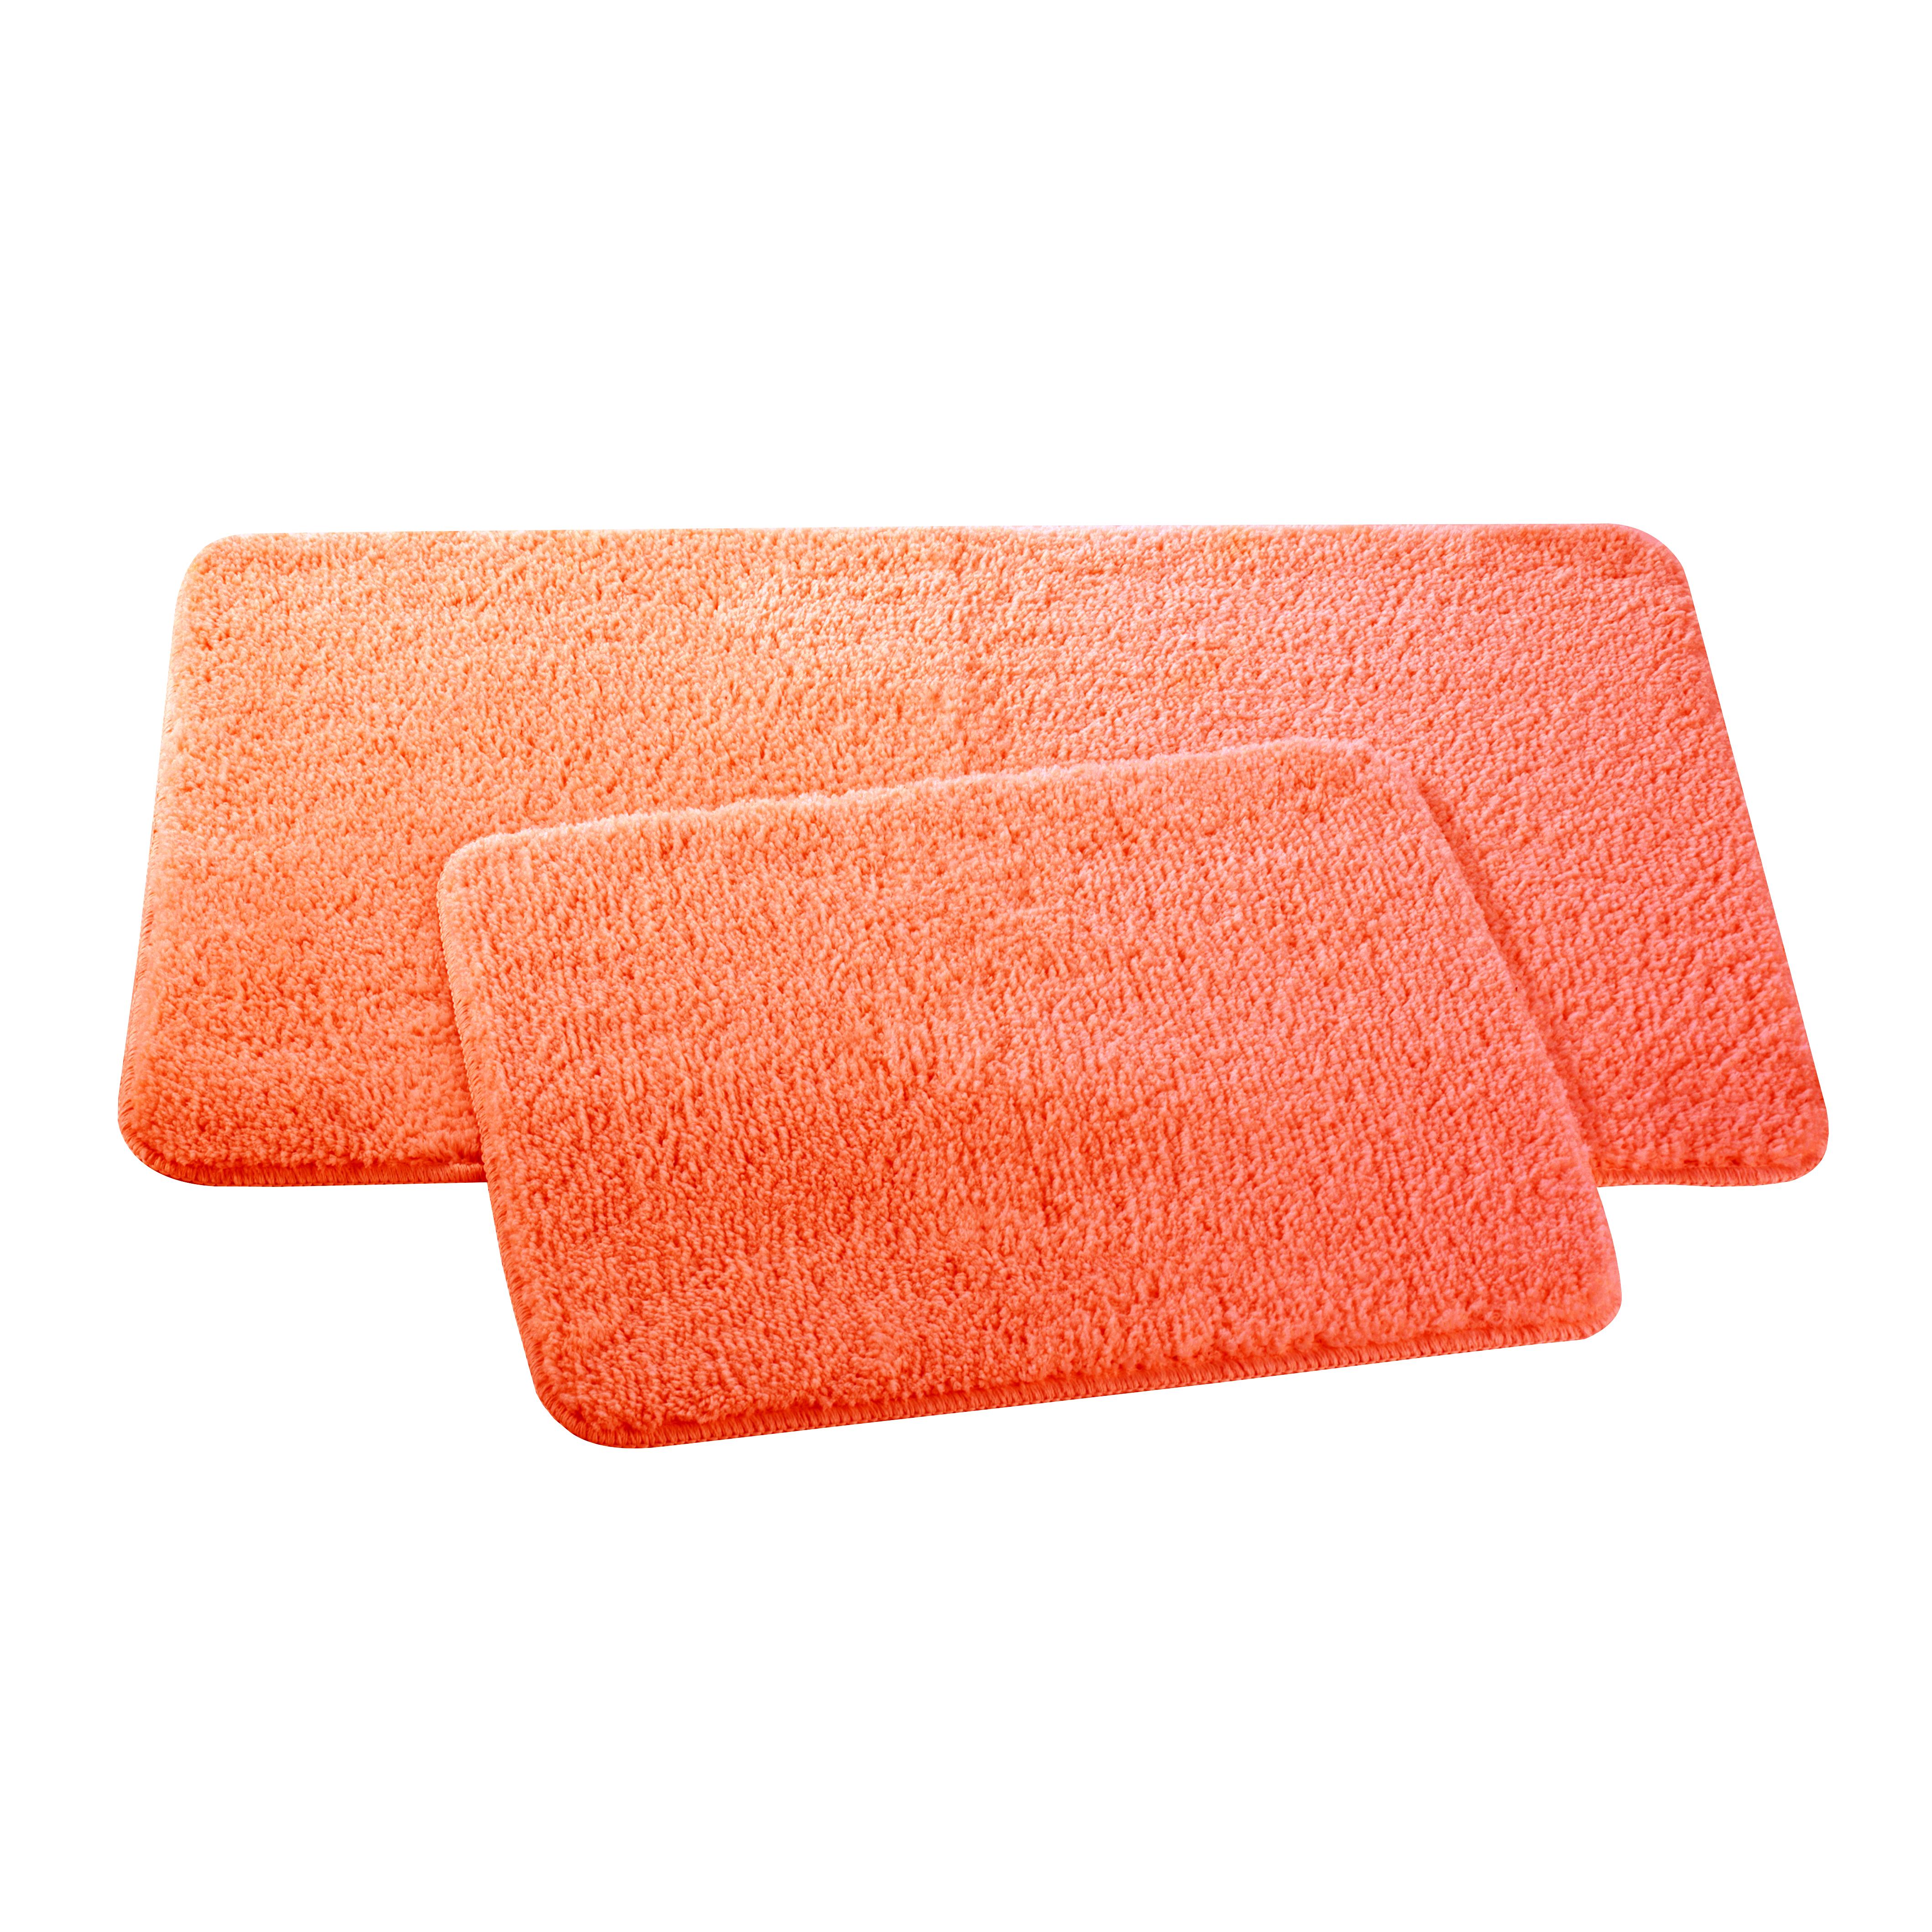 Набор ковриков для ванной и туалета Axentia, цвет: оранжевый, 2 шт116136Набор Axentia, выполненный из микрофибры (100% полиэстер), состоит из двух стеганых ковриков для ванной комнаты и туалета. Противоскользящее основание изготовлено из термопластичной резины и подходит для полов с подогревом. Коврики мягкие и приятные на ощупь, отлично впитывают влагу и быстро сохнут. Высокая износостойкость ковриков и стойкость цвета позволит вам наслаждаться покупкой долгие годы. Можно стирать в стиральной машине. Размер ковриков: 50 х 80 см; 50 х 40 см. Высота ворса 1,5 см.